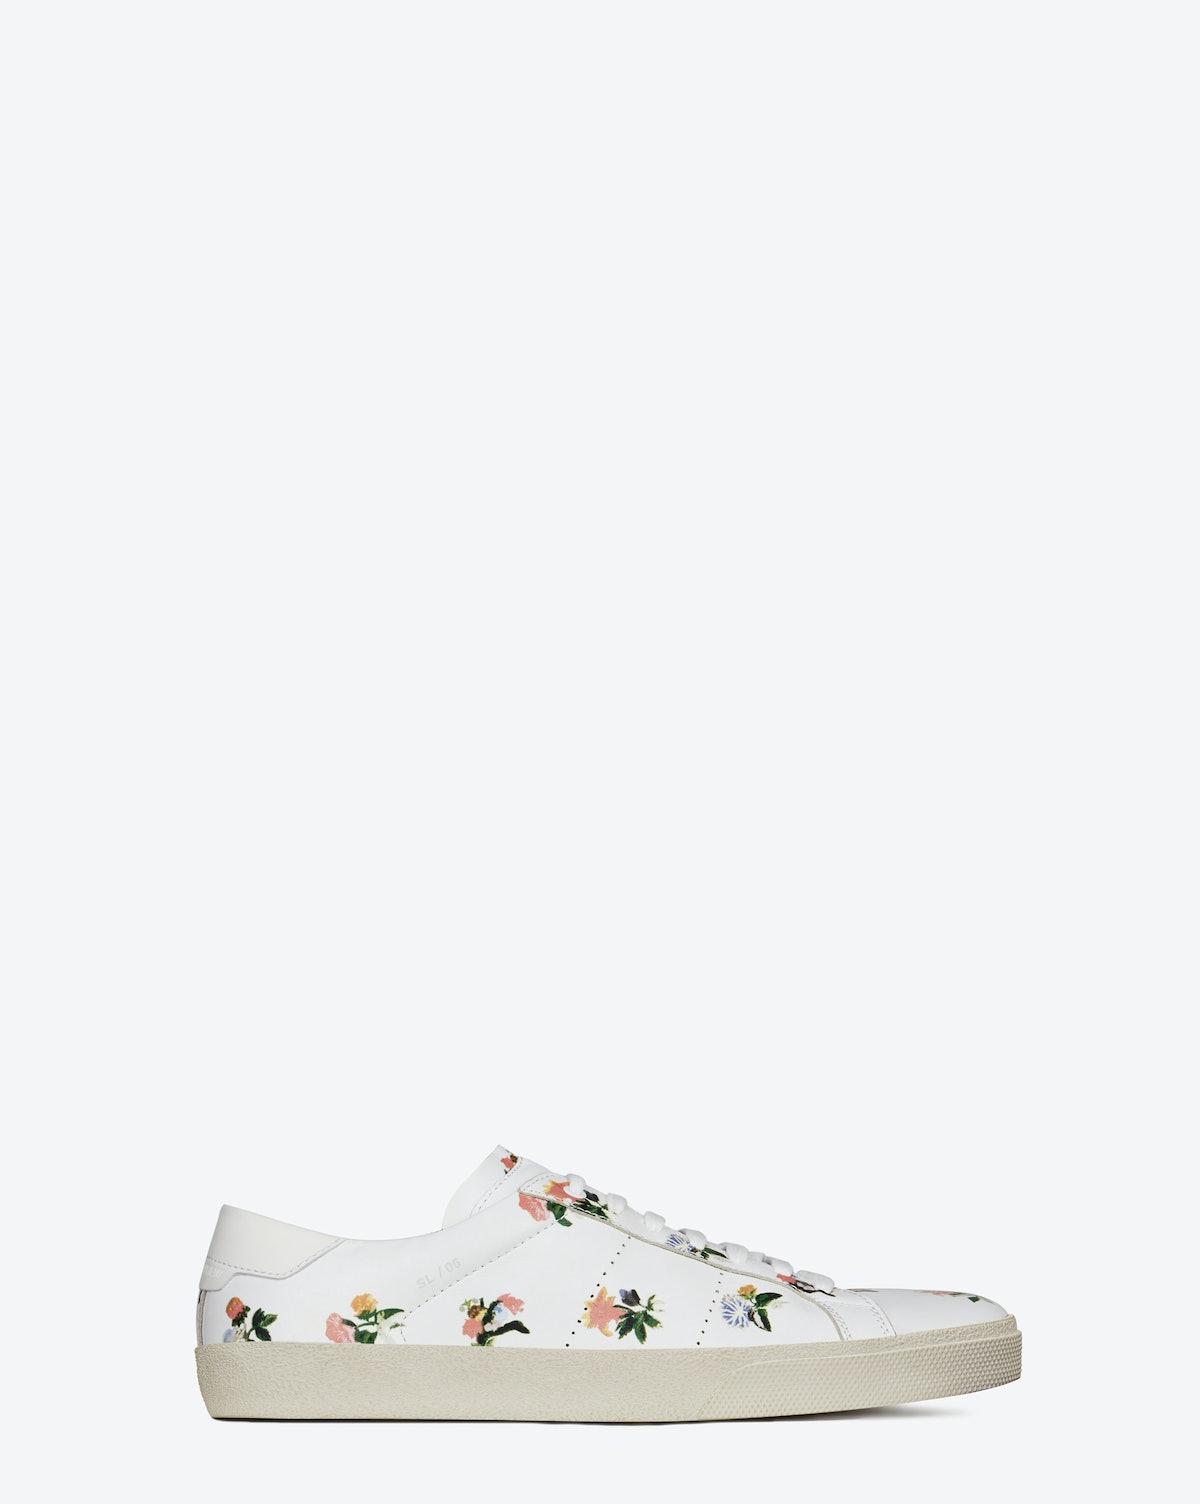 Saint Laurent by Hedi Slimane Sneakers